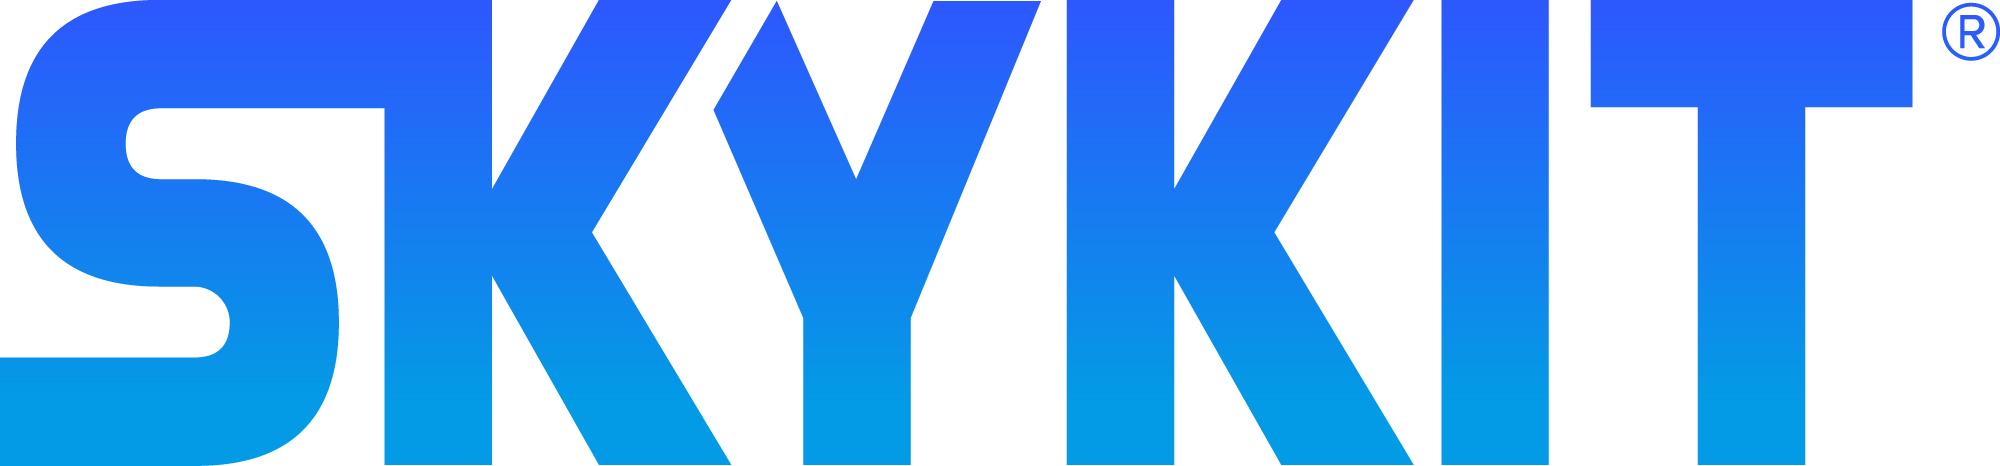 Skykit logo